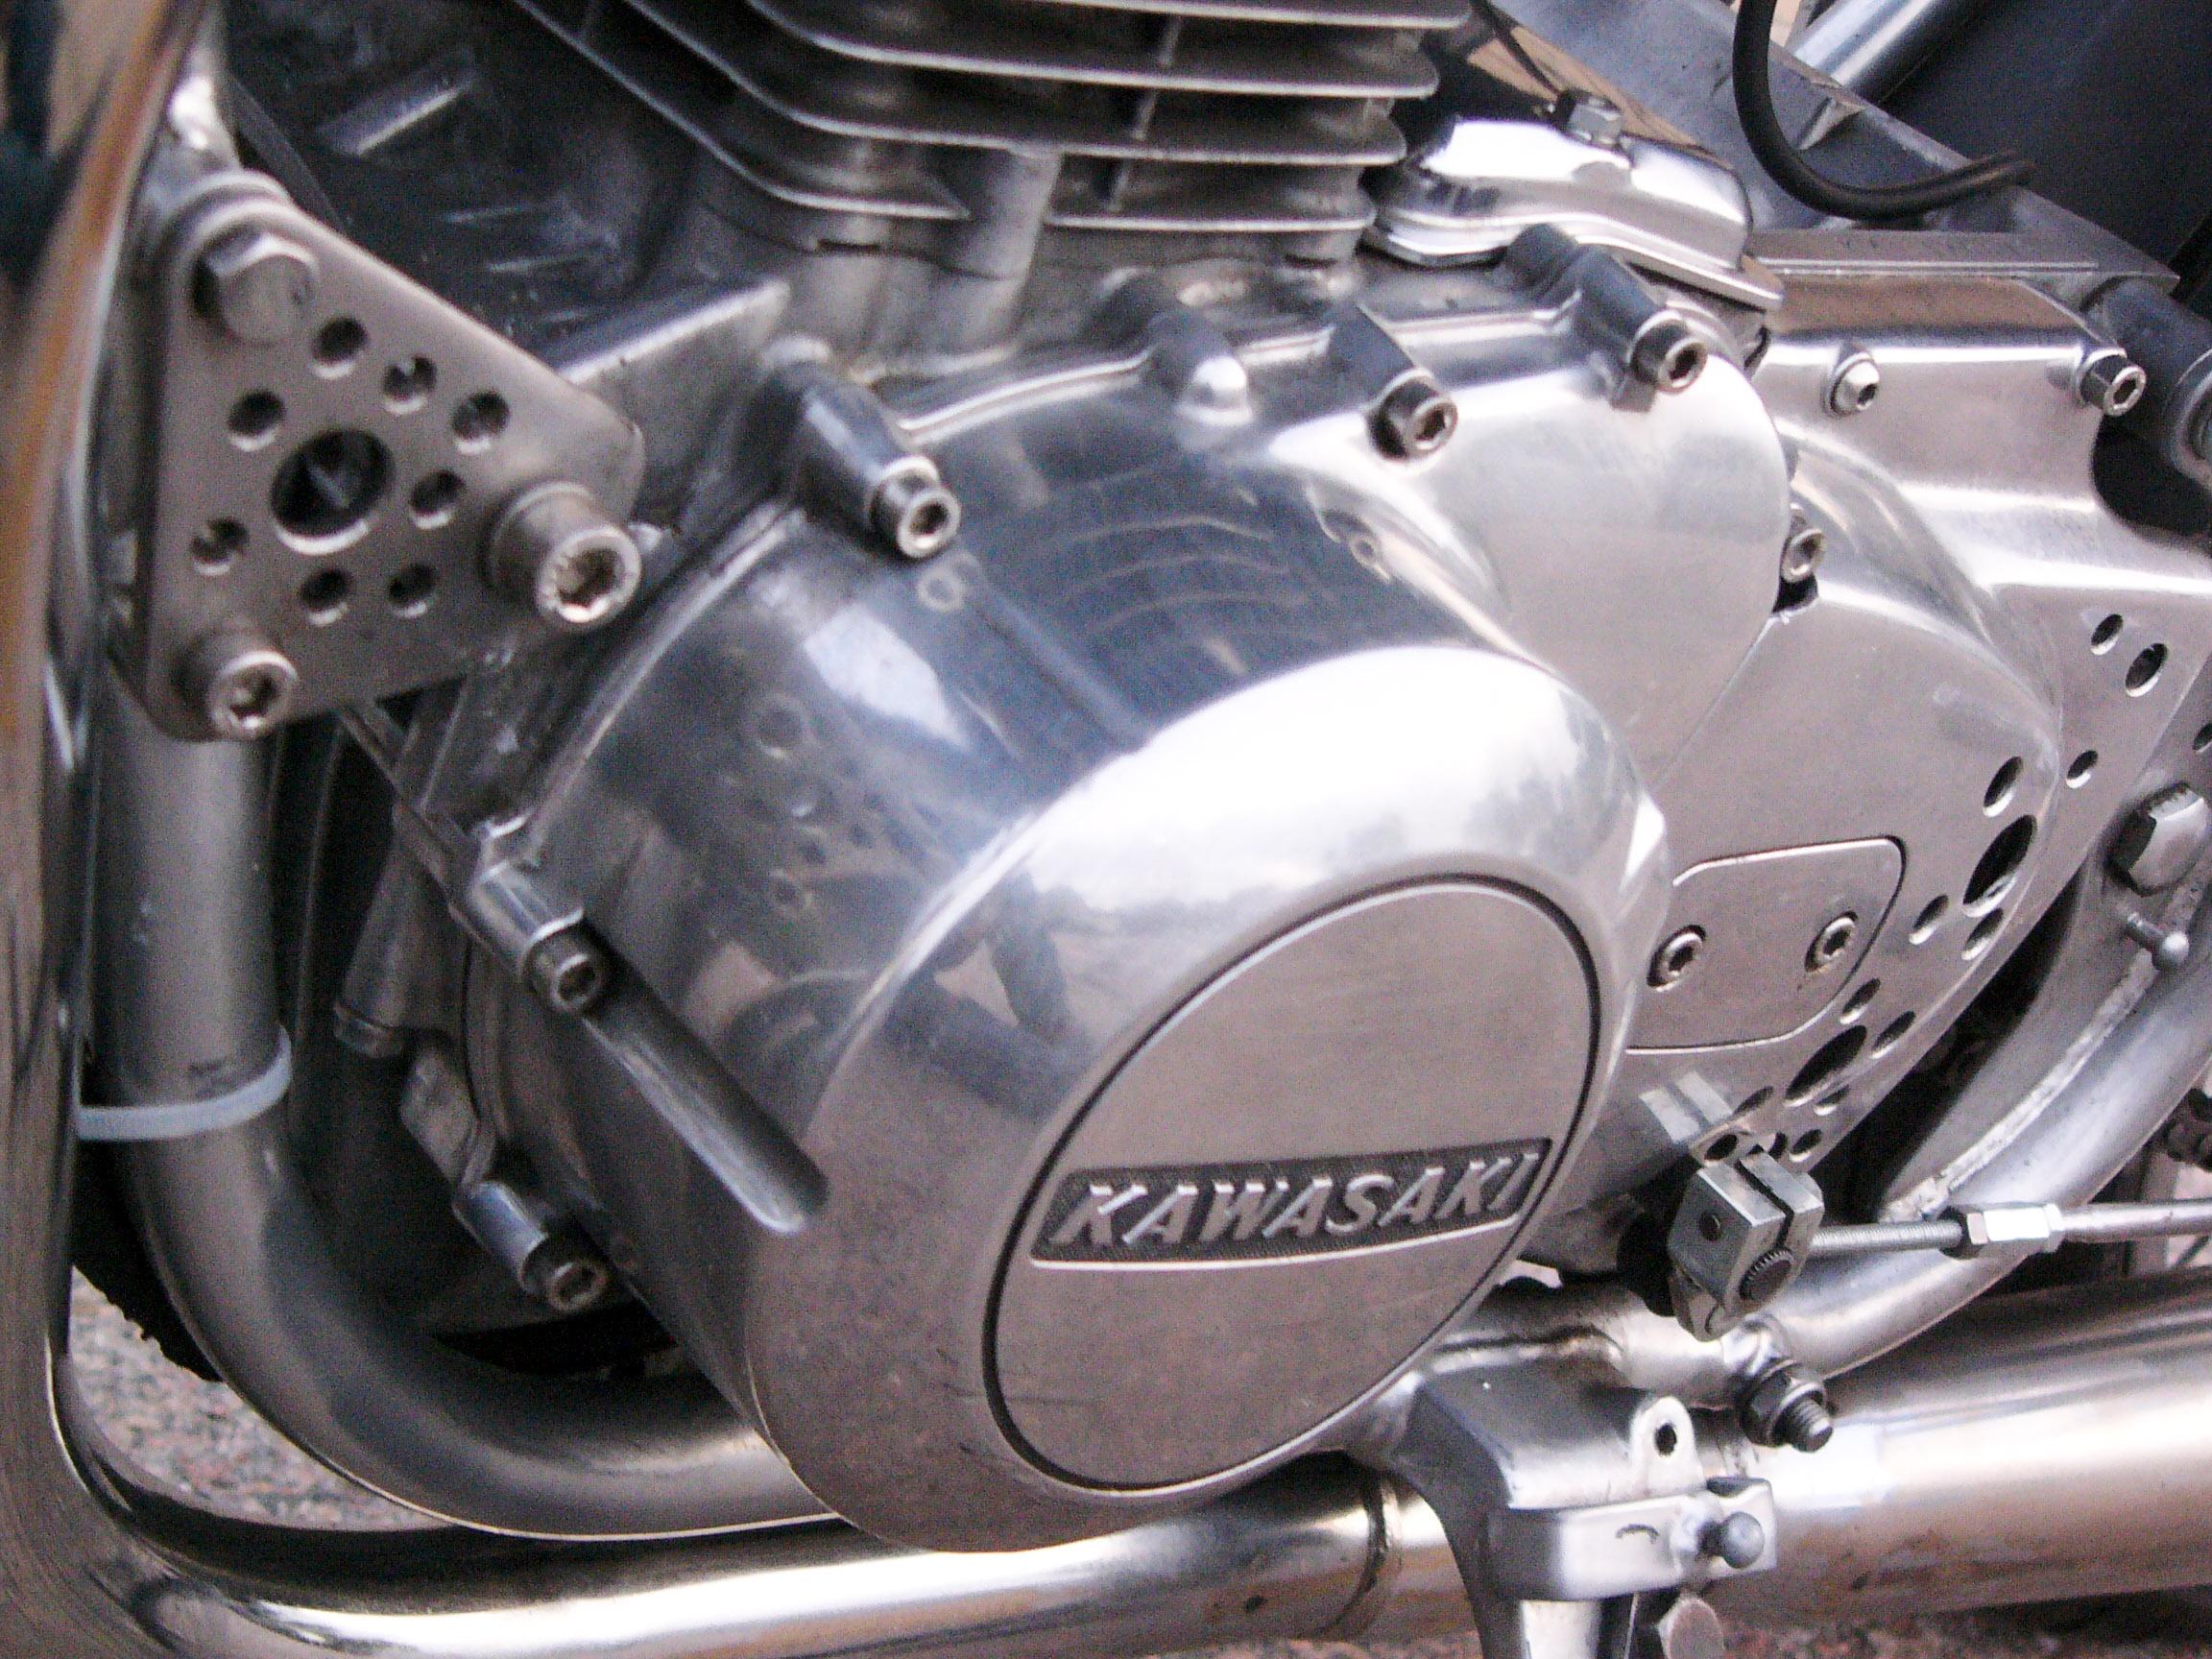 KZ400 - ebay pics 7-8-10 (43 of 47)